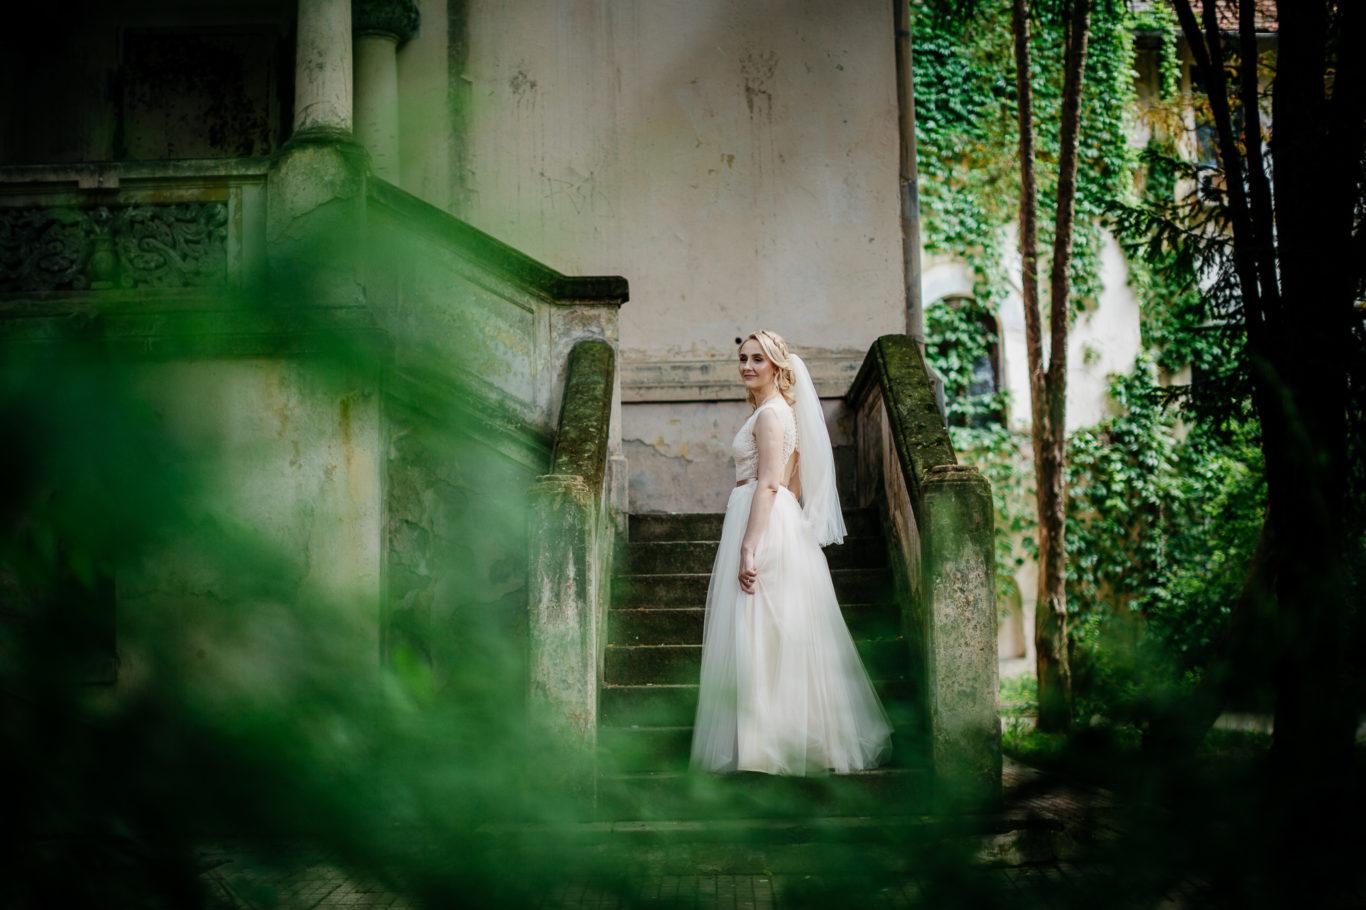 0413-Fotografie-nunta-Mirela-Iulian-fotograf-Ciprian-Dumitrescu-DCF_7097